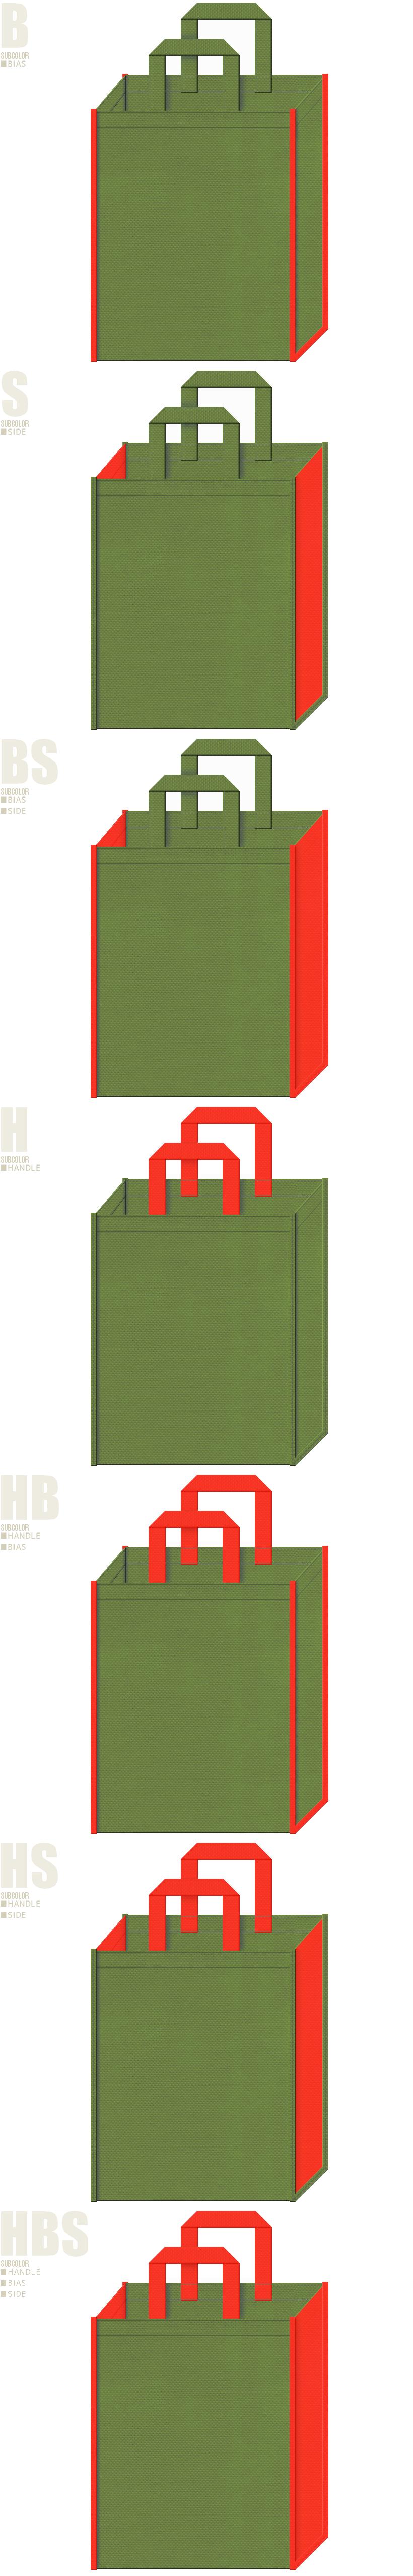 不織布バッグのデザイン:草色とオレンジ色の配色7パターン